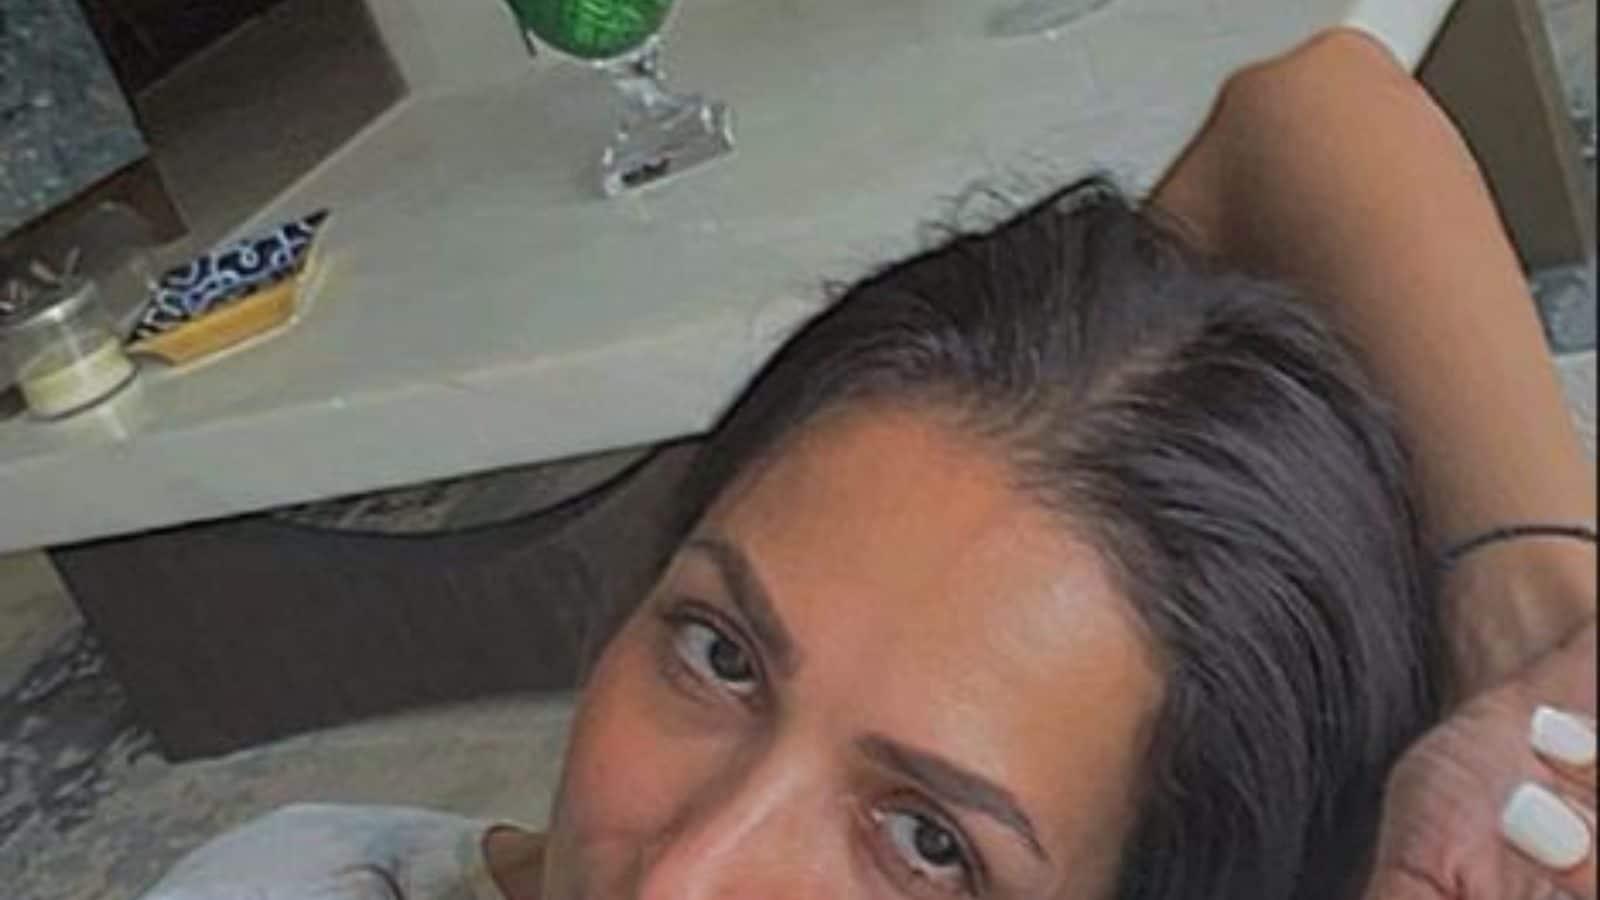 ਮਲਾਇਕਾ ਅਰੋੜਾ ਚਮਕਦਾਰ ਦਿਖਾਈ ਦਿੰਦੀ ਹੈ ਜਦੋਂ ਉਹ ਆਲਸੀ ਦੁਪਹਿਰ ਨੂੰ ਘਰ ਵਿੱਚ ਠੰਕ ਕਰਦੀ ਹੈ